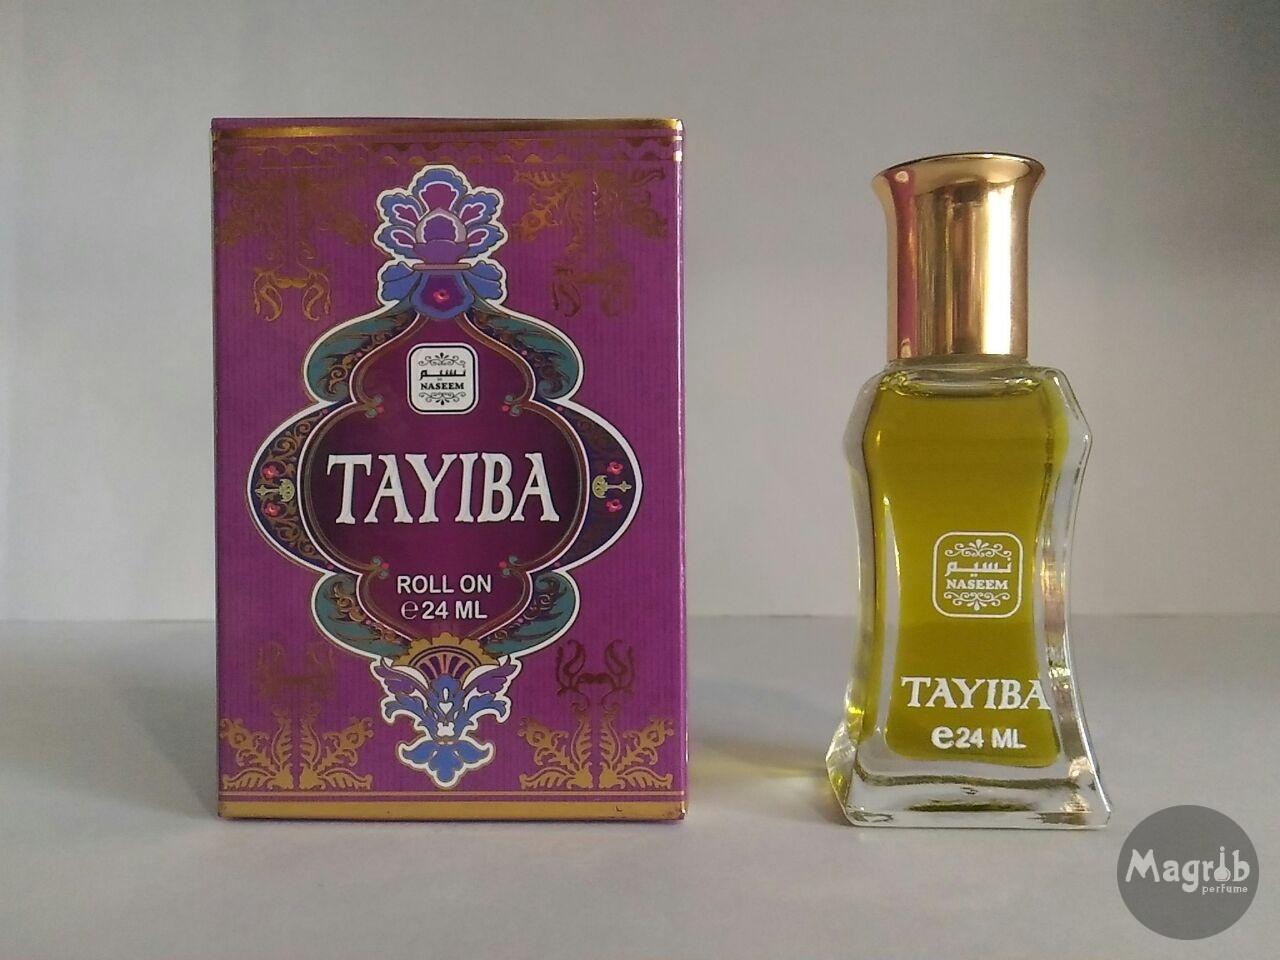 Naseem- Tayiba 24ml- масляные духи, роллер.